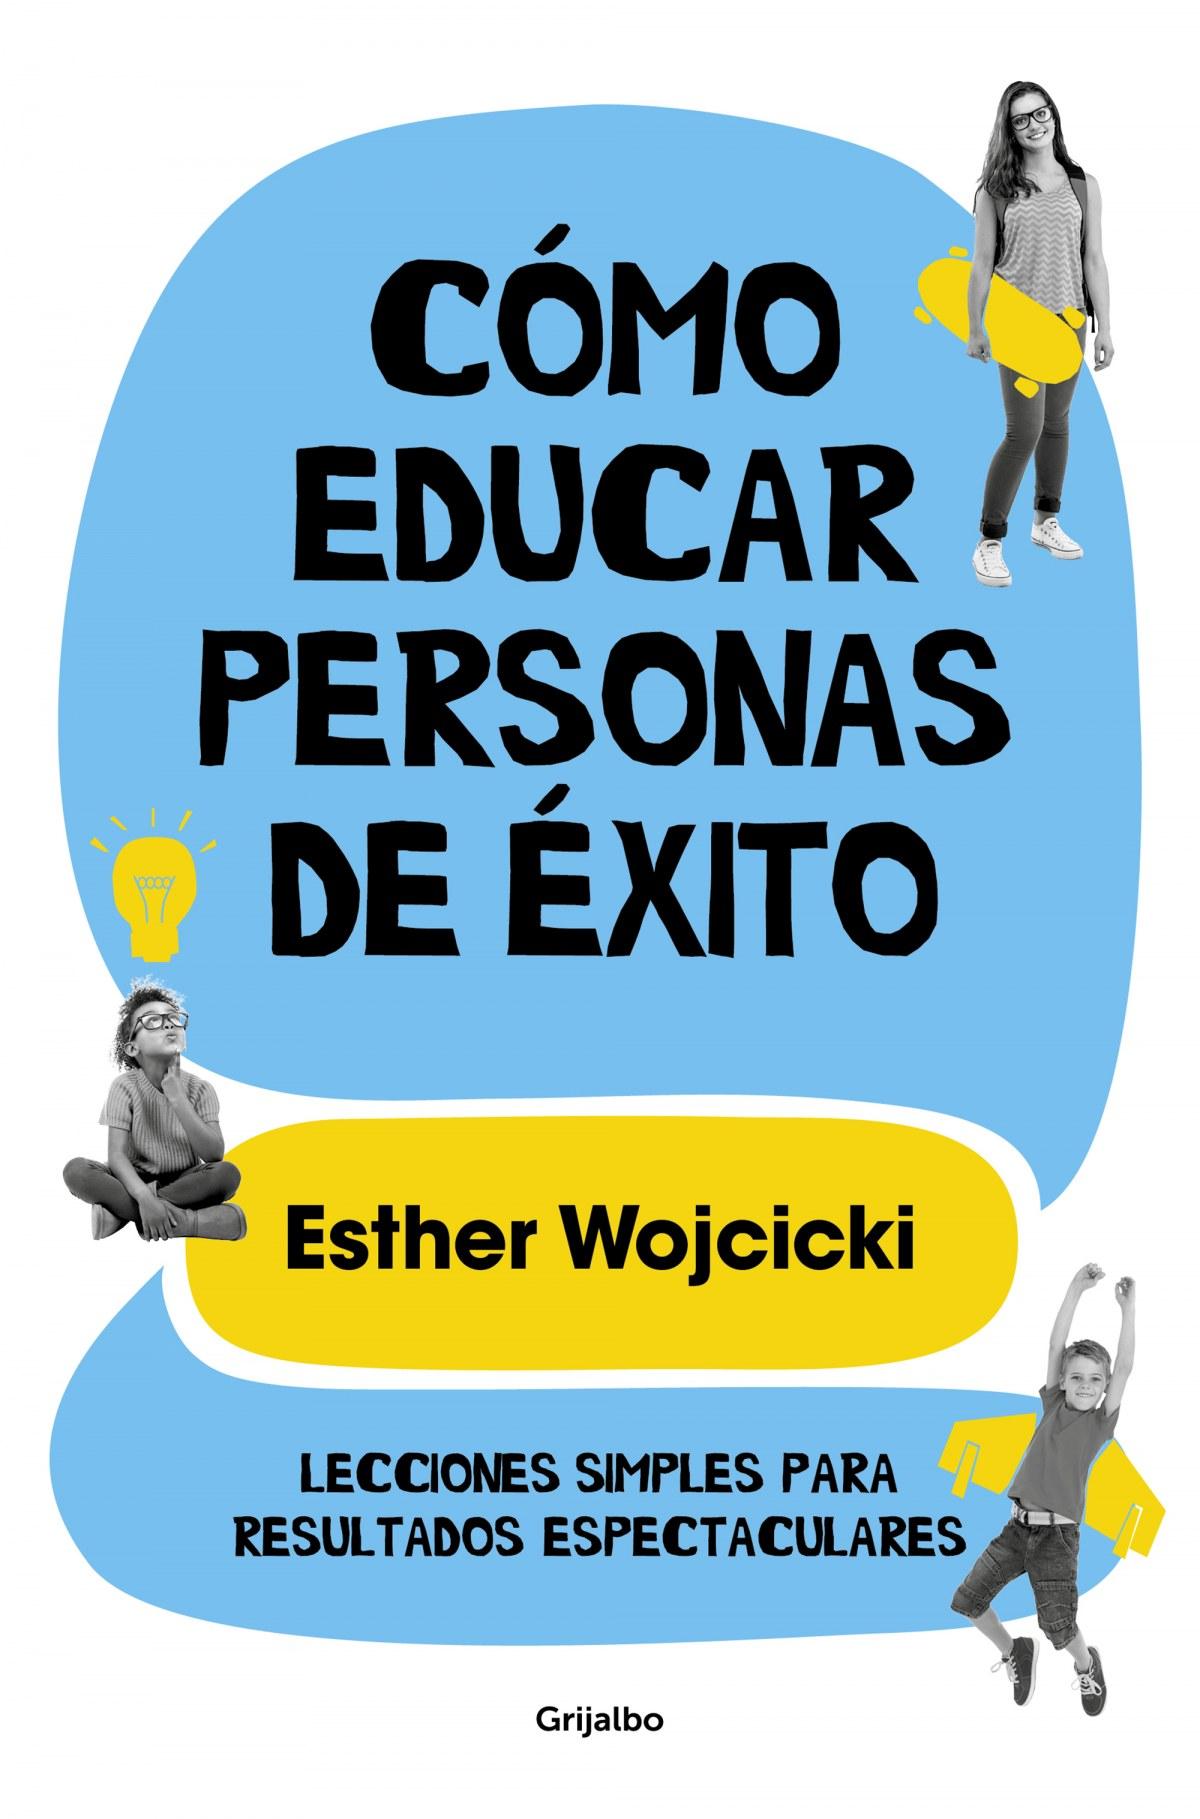 CÓMO EDUCAR PERSONAS DE ÈXITO